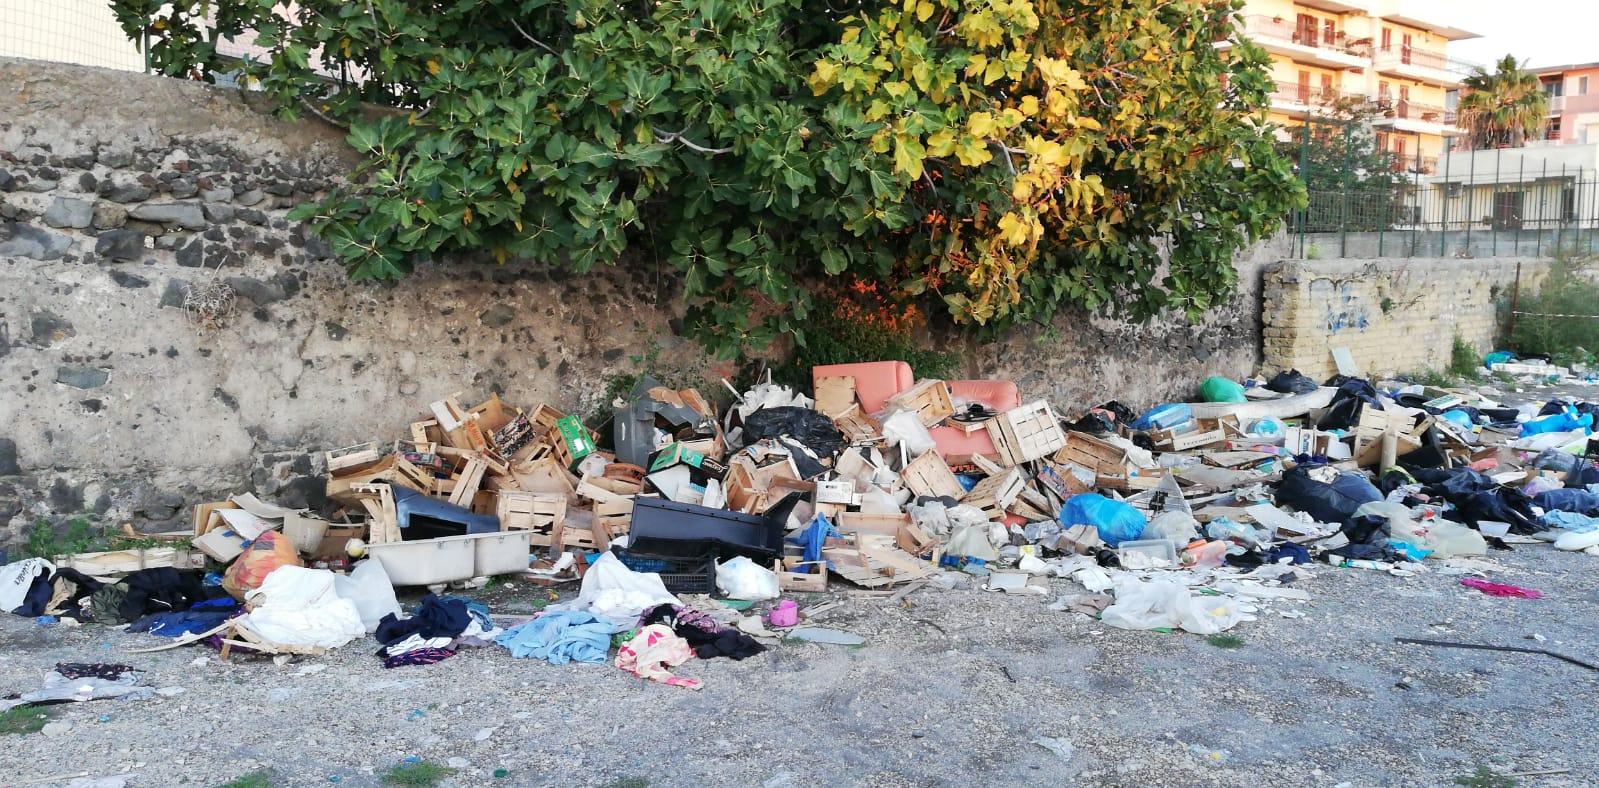 Smascherato il fruttivendolo che depositava rifiuti nell'area mercatale